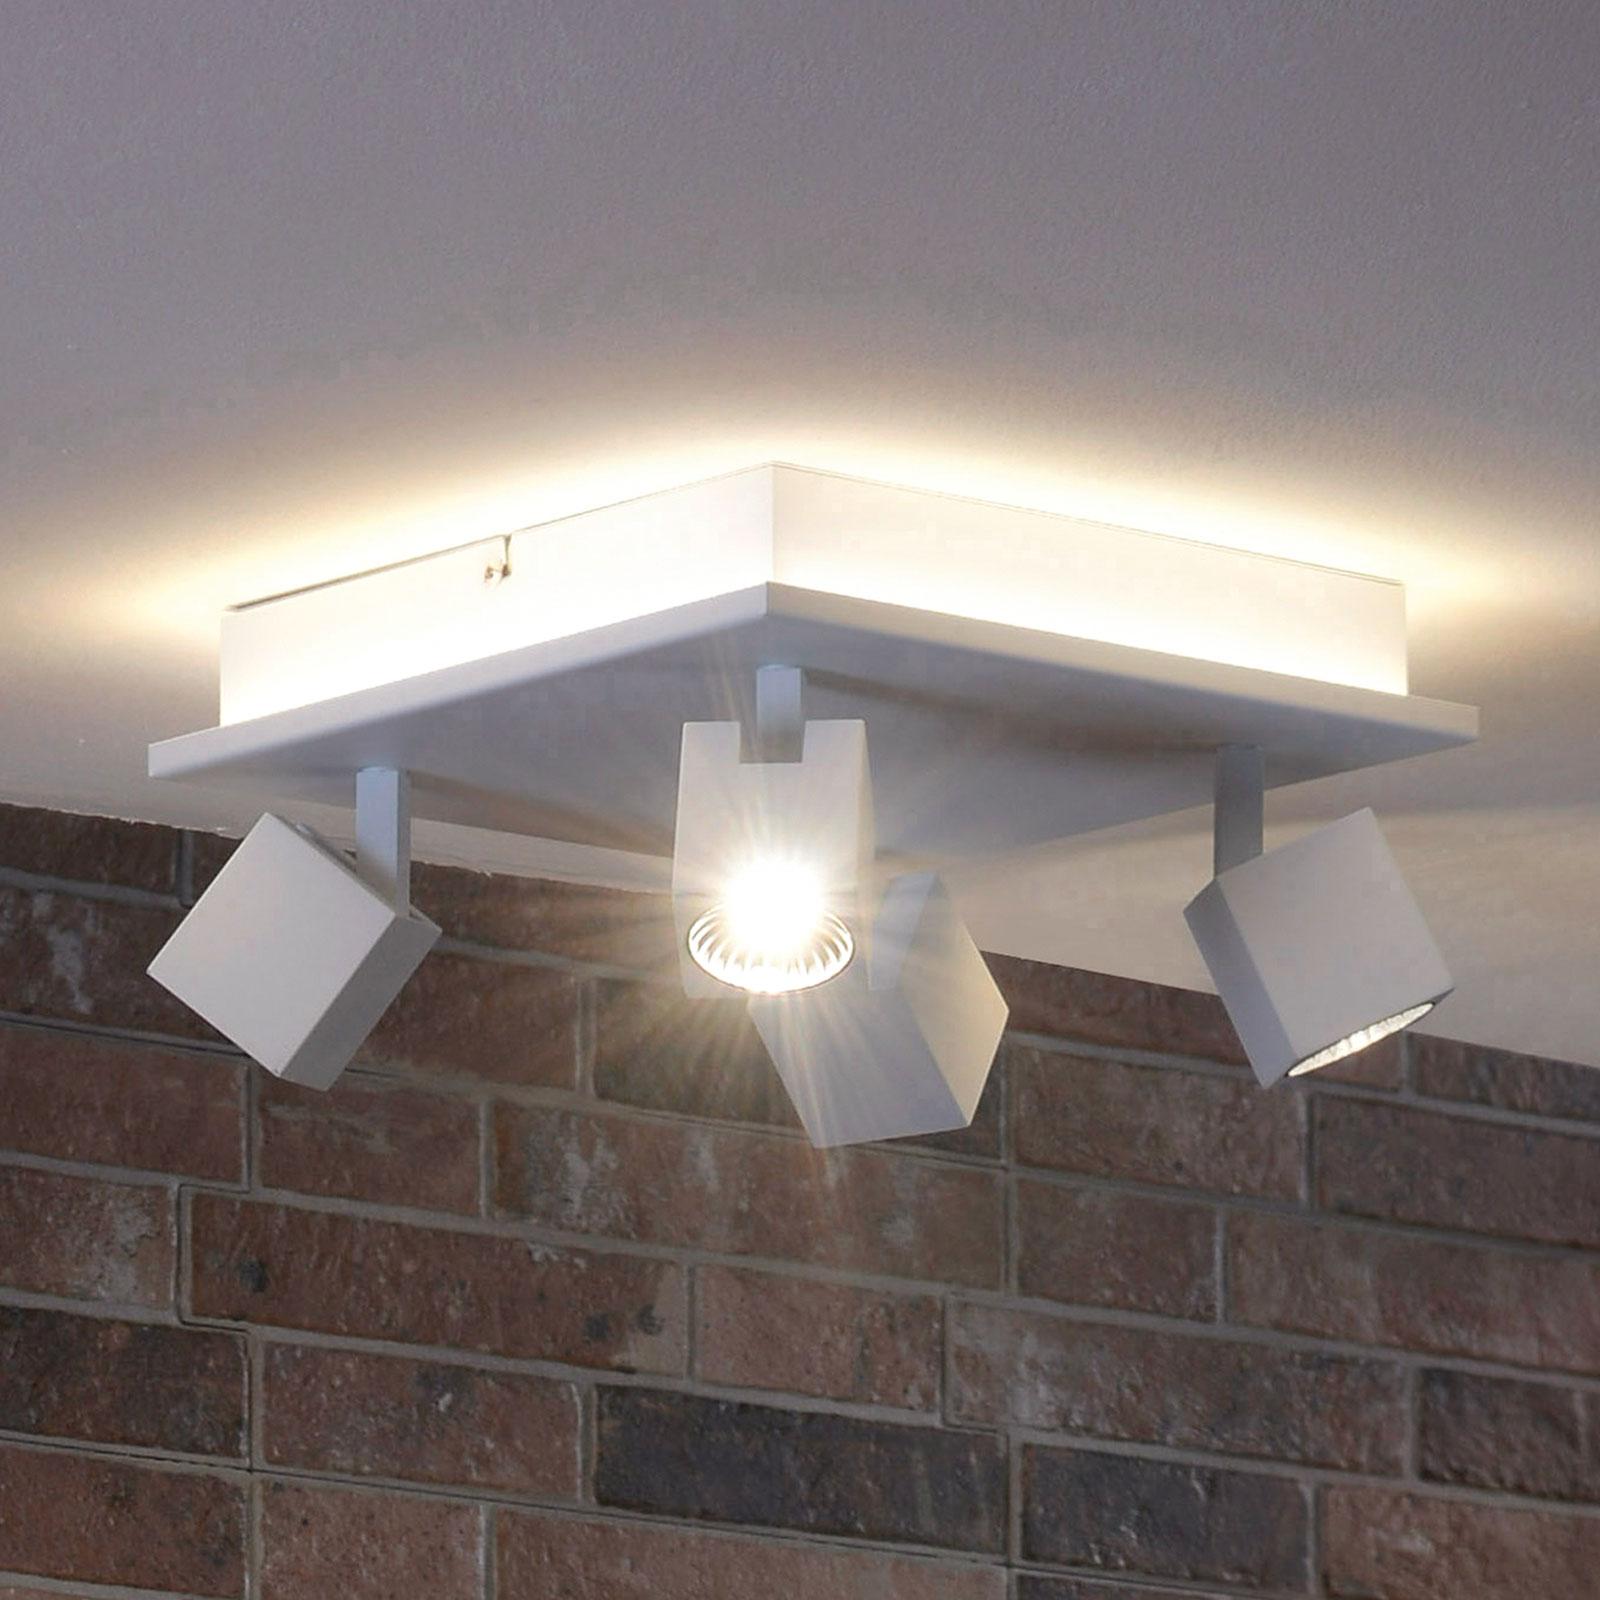 Super Acquista Plafoniera LED Cuba - luce diretta/indiretta | Lampade.it QP98